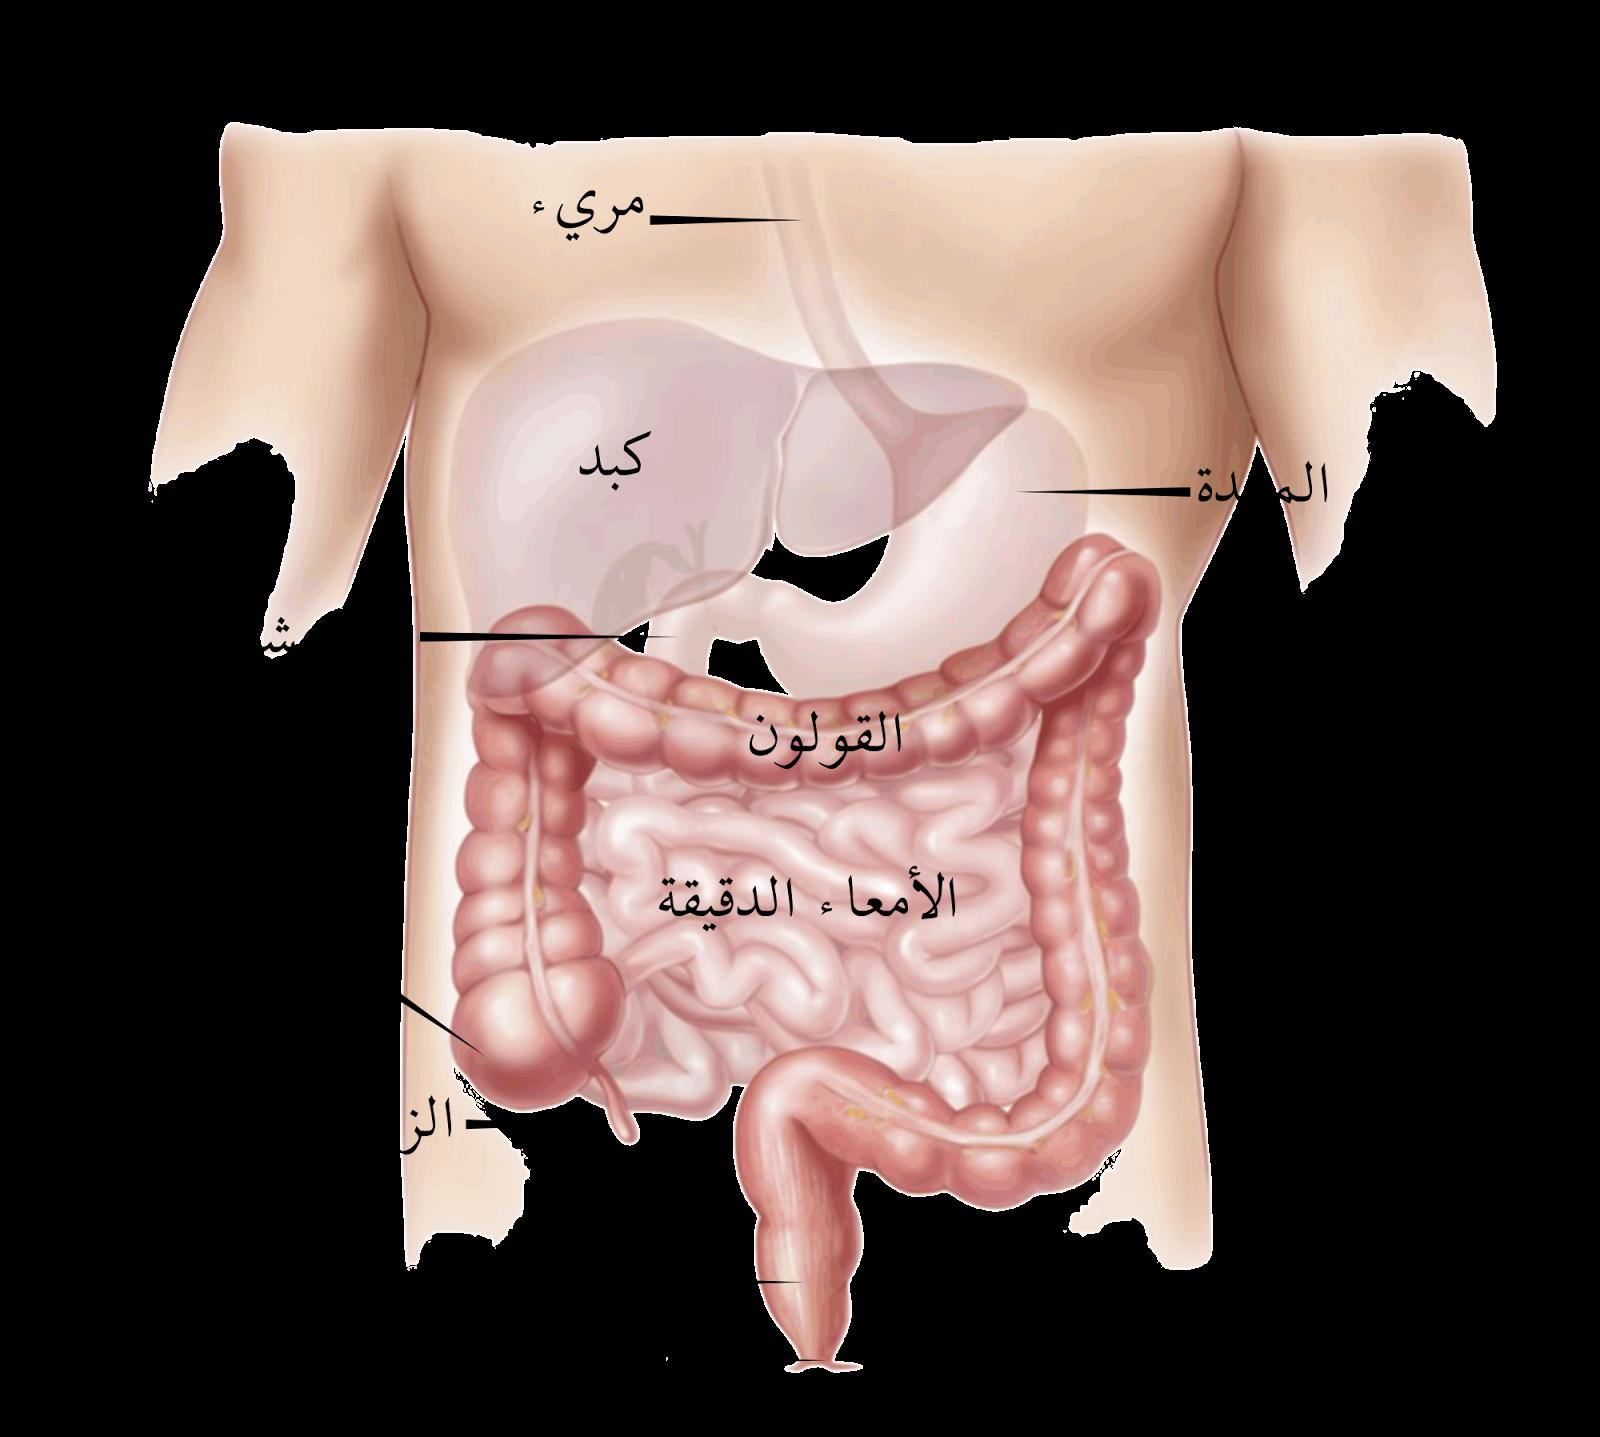 صور الزائدة الدودية , اعراض تظهر عند اصابتك بالزايدة الدودية